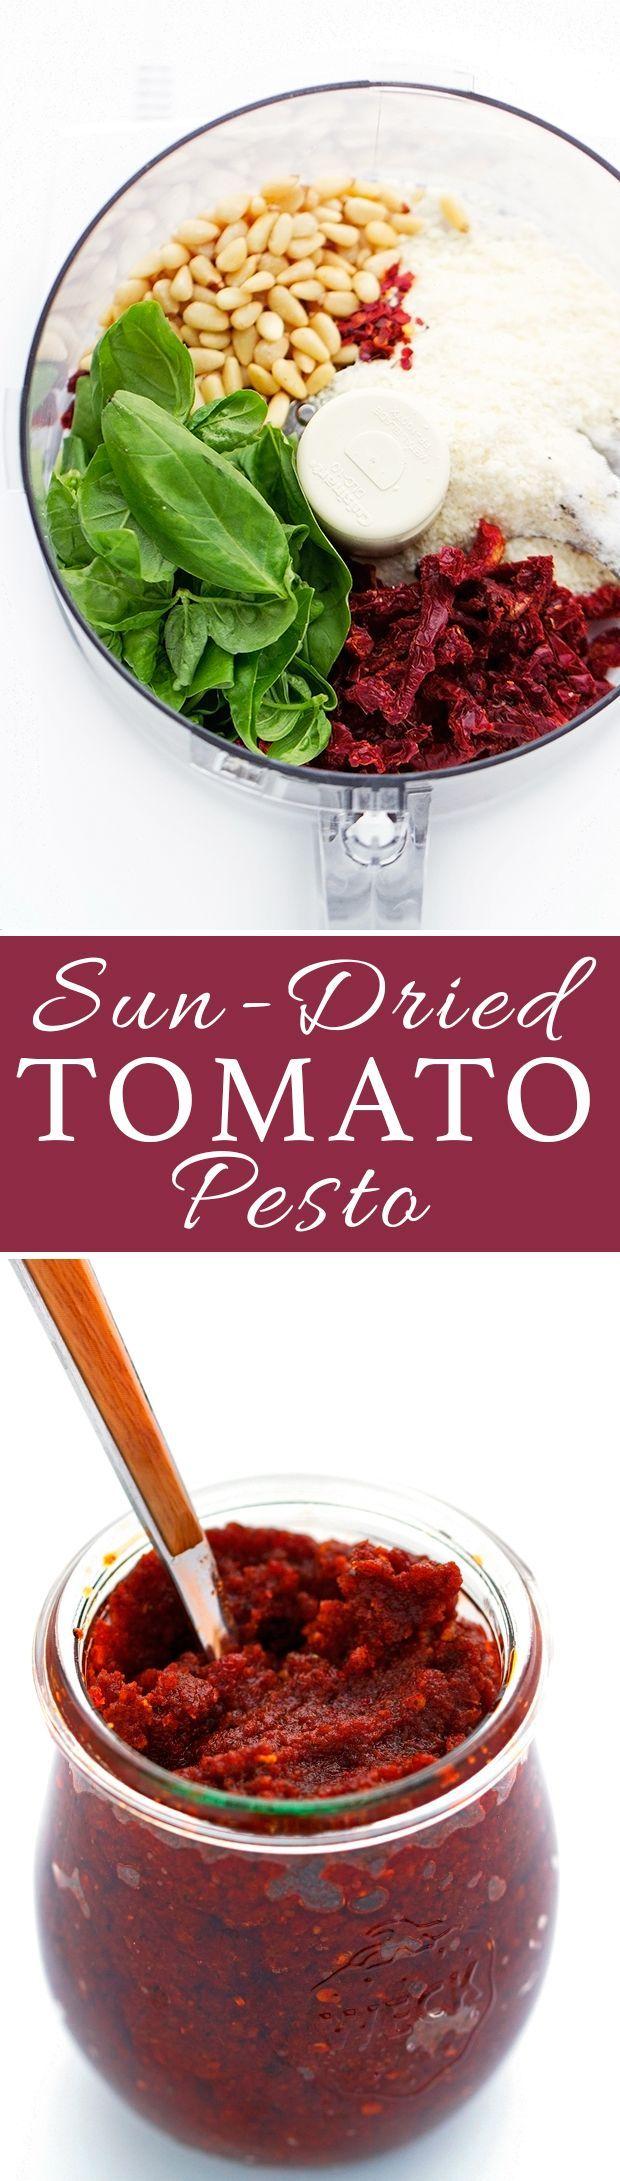 ideas about Sundried Tomato Pesto on Pinterest | Tomato Pesto, Pesto ...